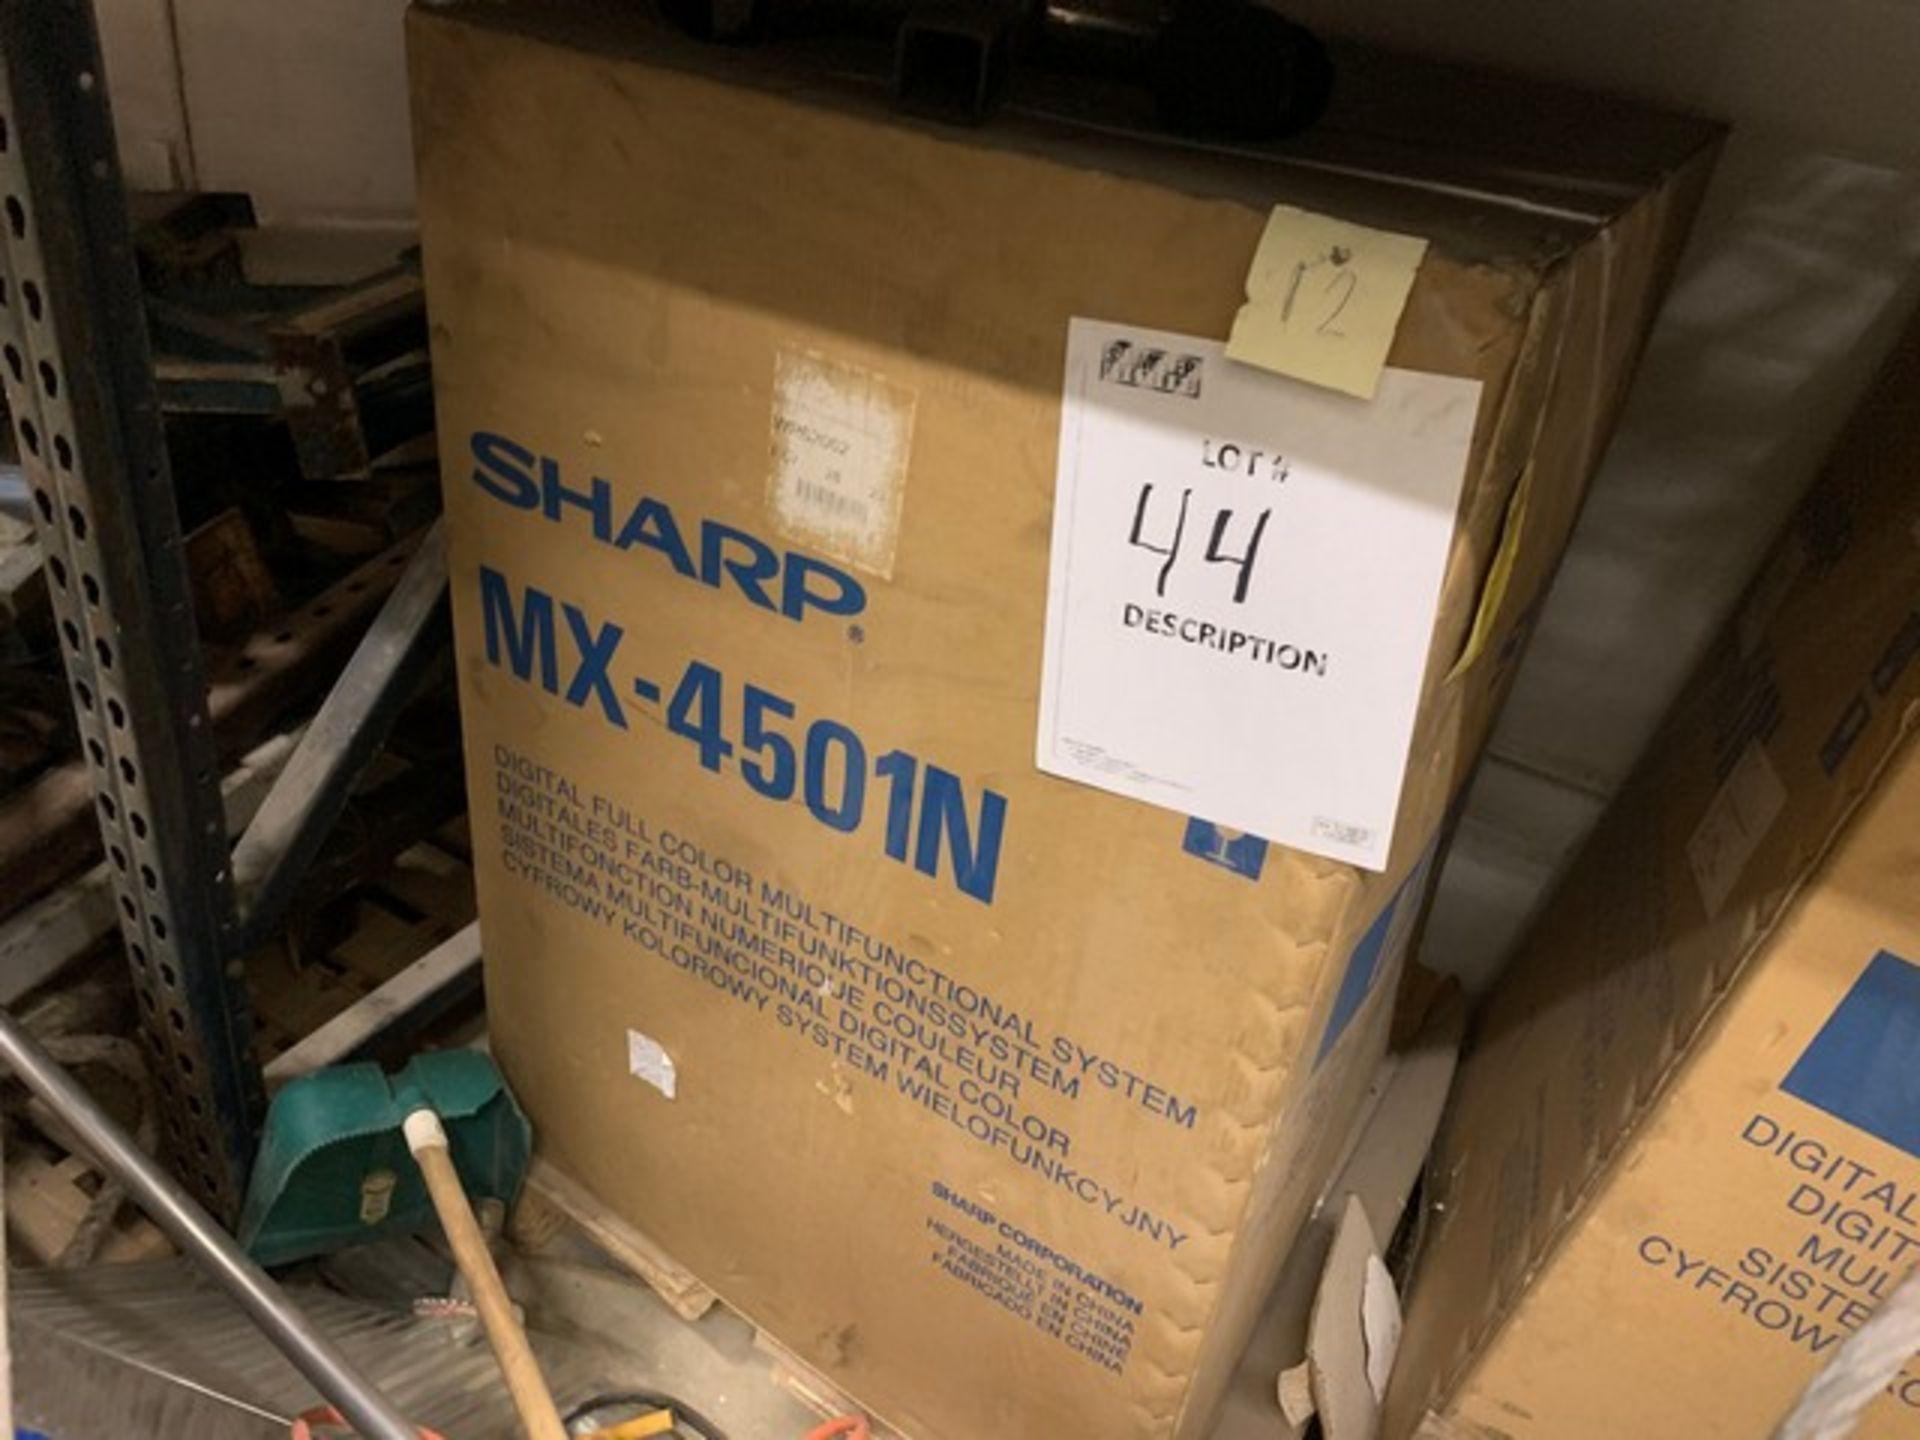 Lot 44 - SHARP MX-4501N COPIER (NEW IN BOX)